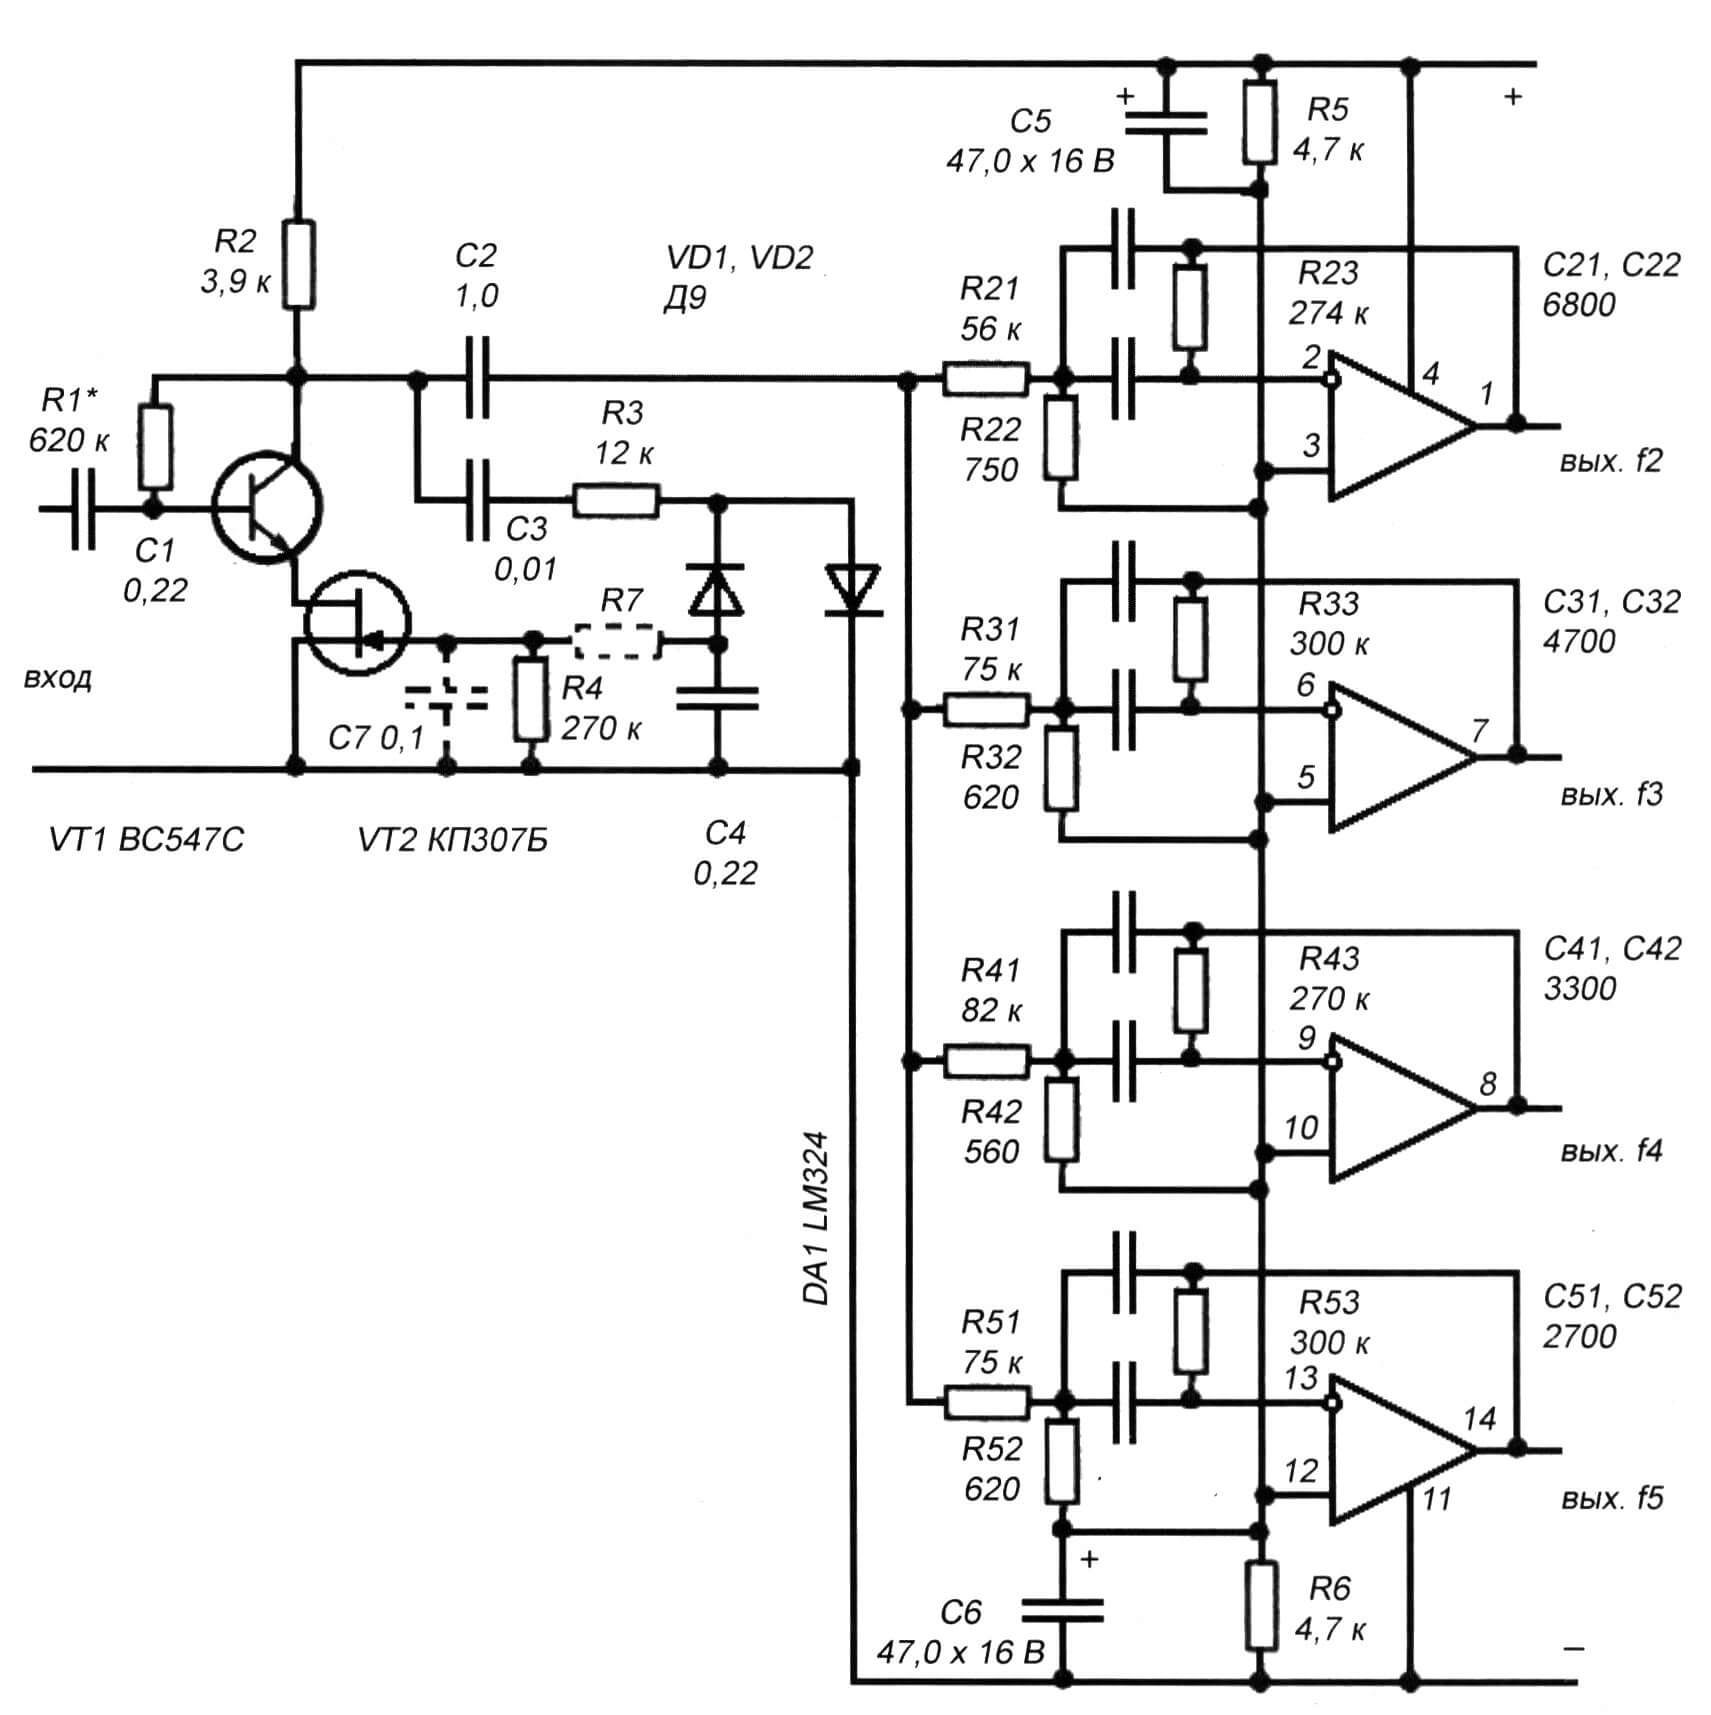 Рис. 2 Принципиальная схема модуля дешифратора ДР4